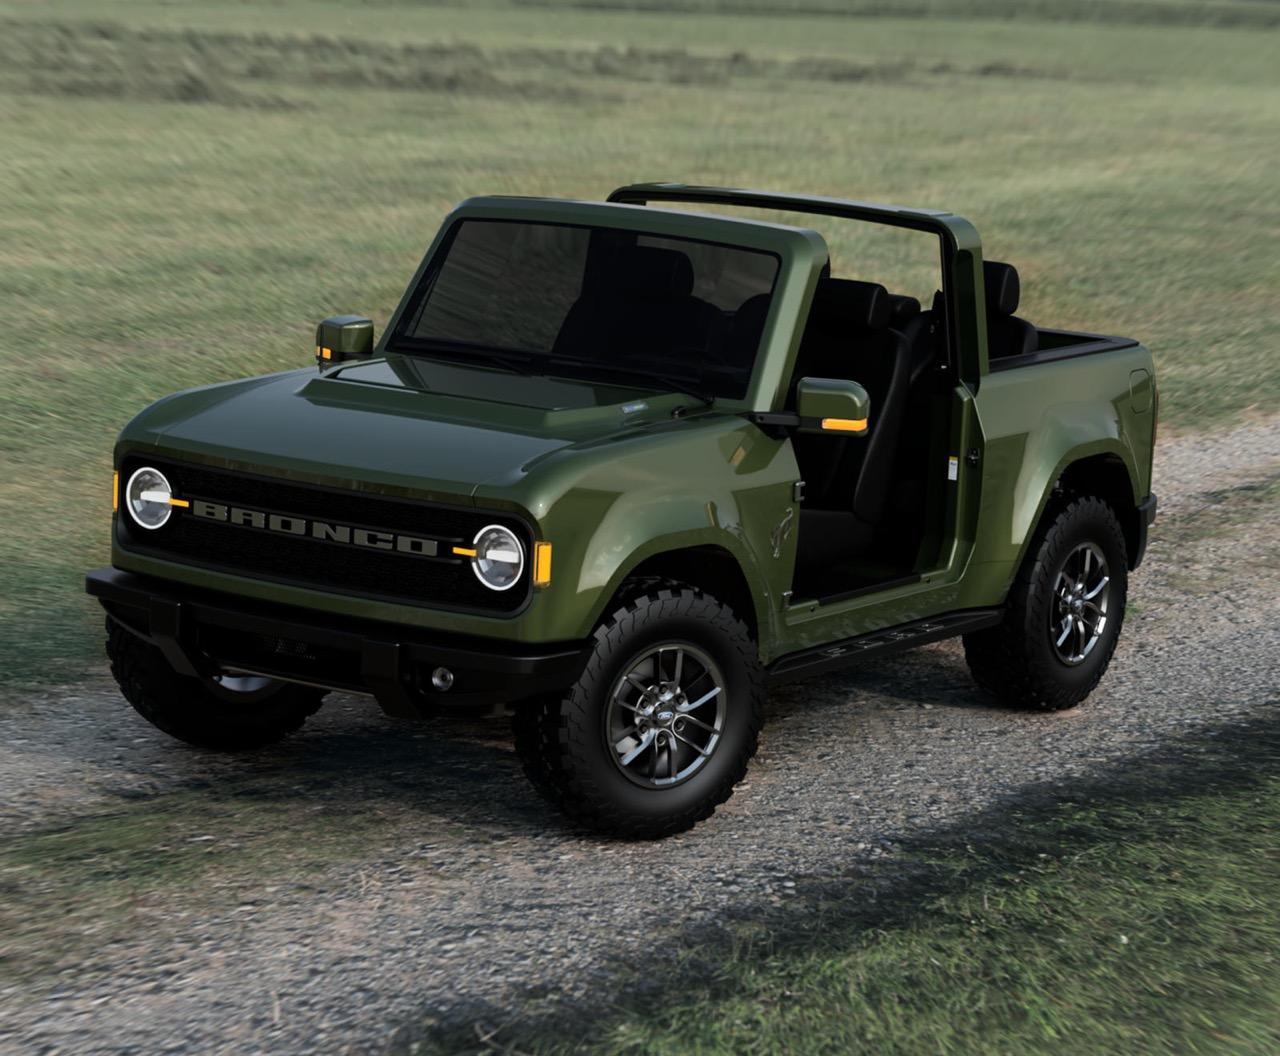 Nuovo Ford Bronco 2021 Immaginato Il Piccolo 4 4 Anti Wrangler Rendering